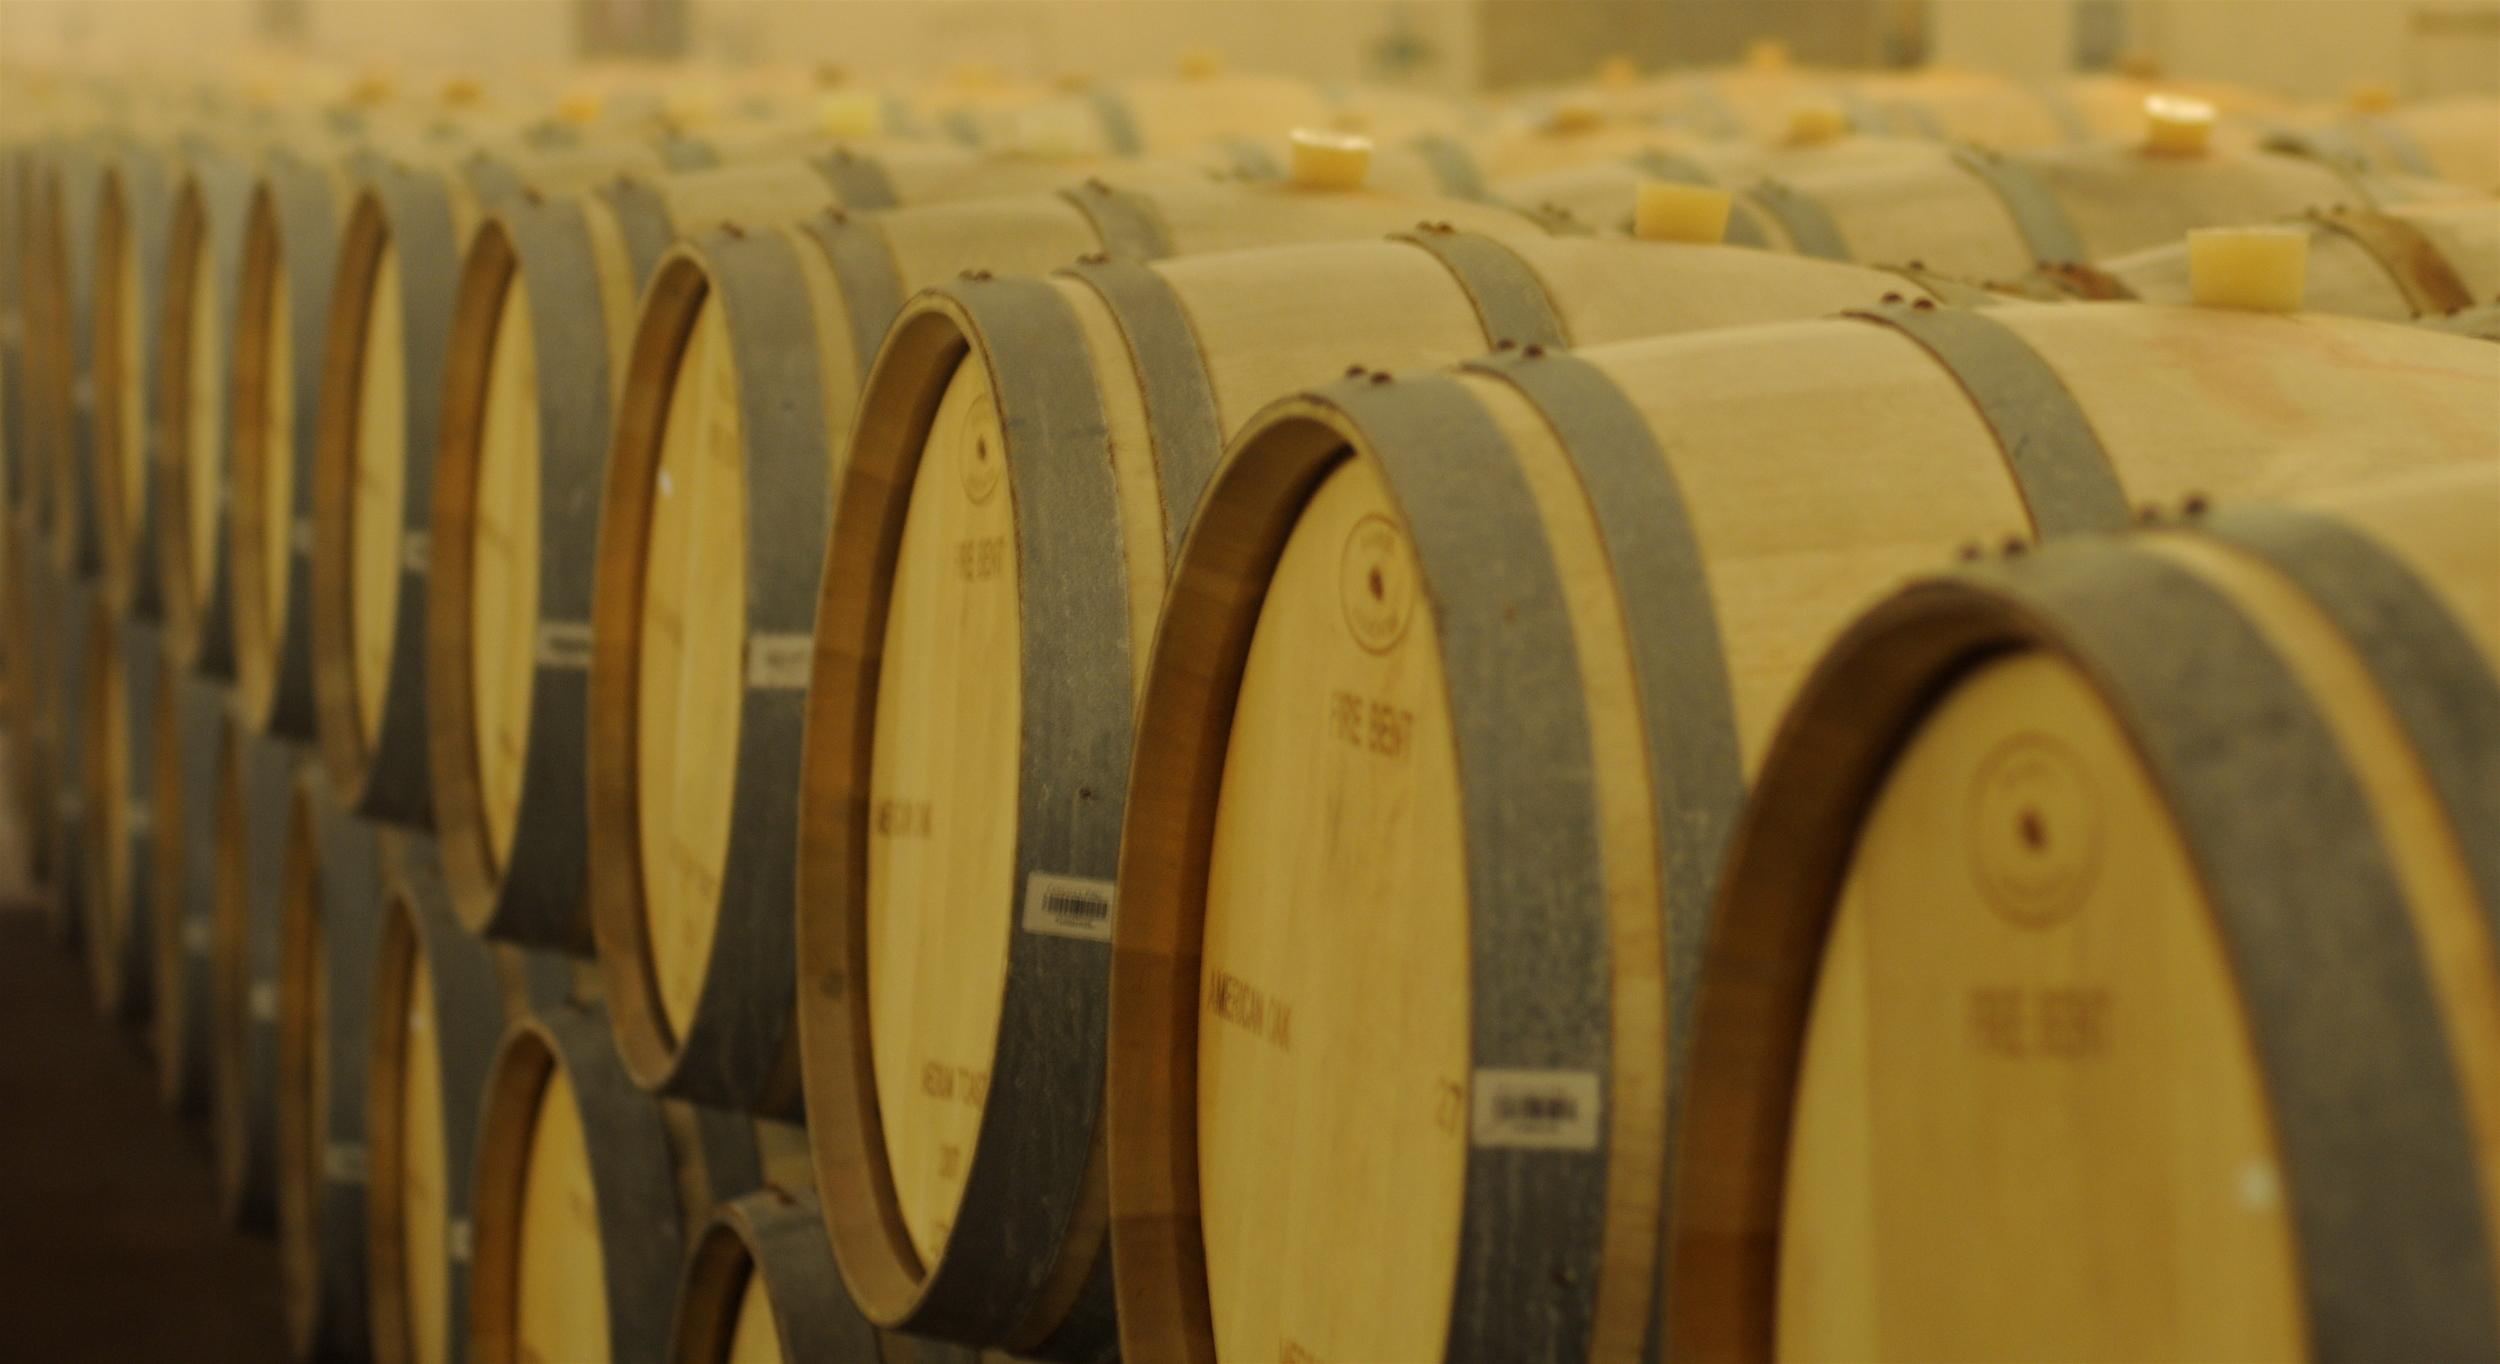 Never-ending Barrels of Wine